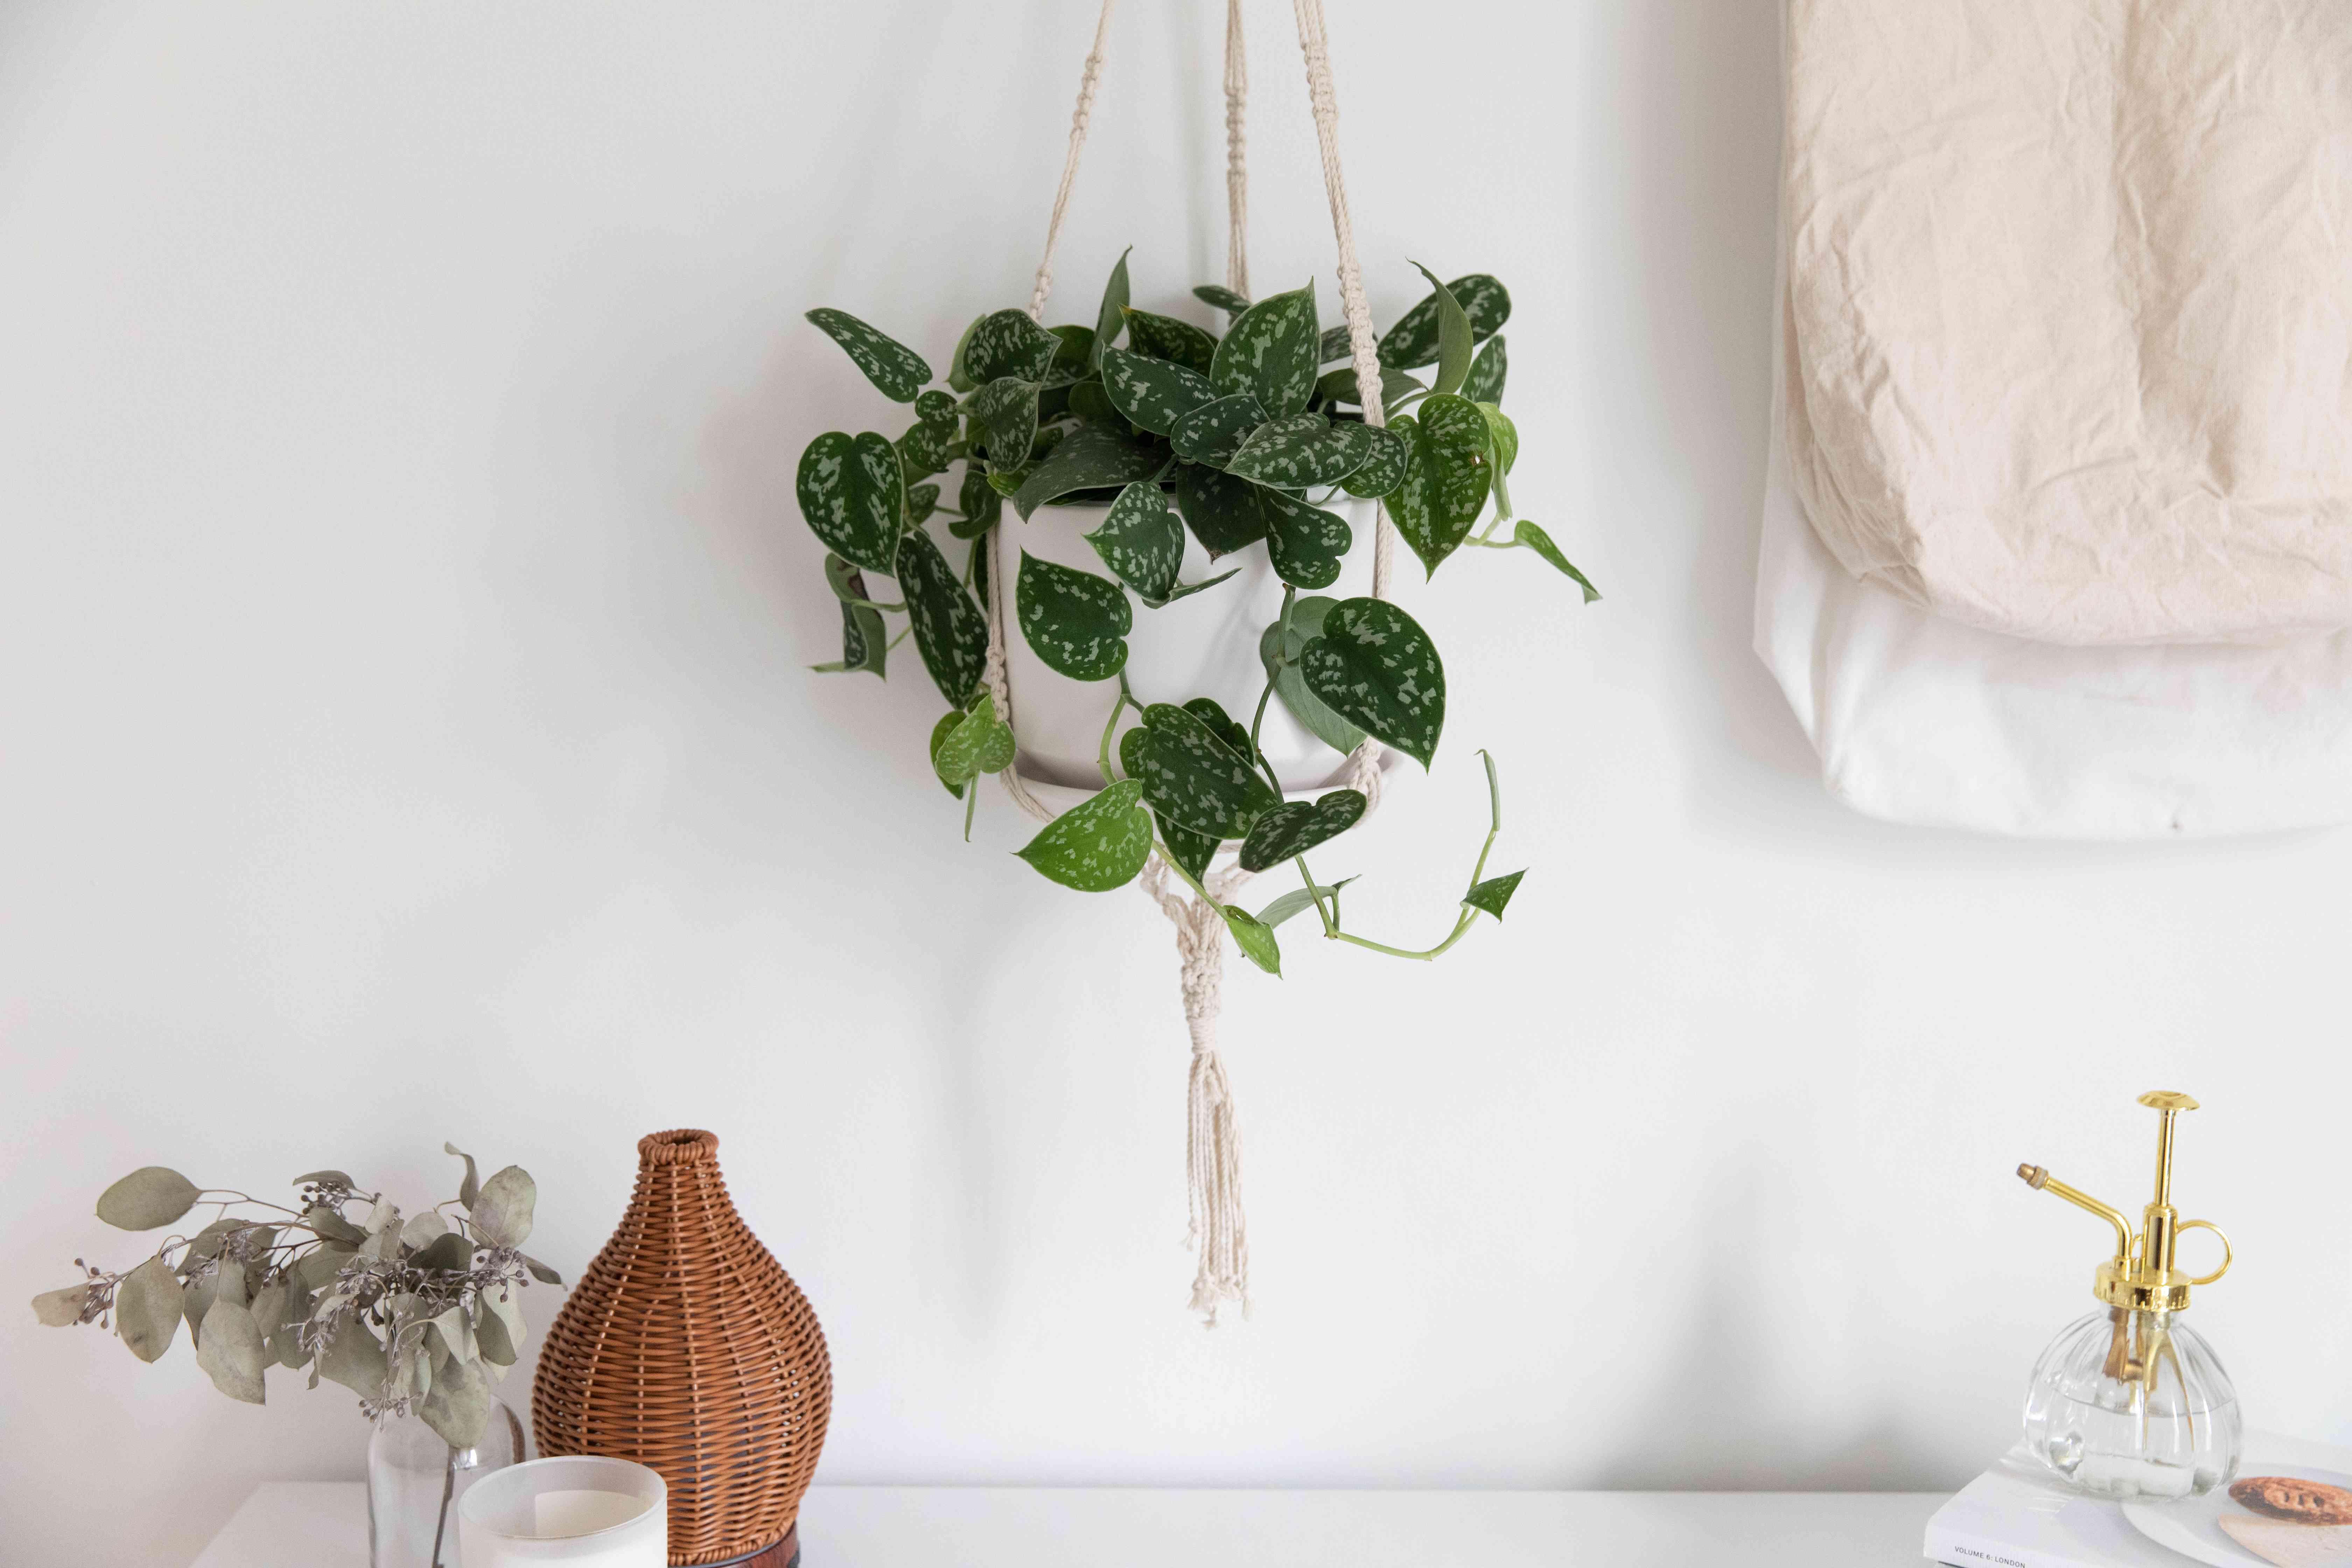 Satin pothos in white hanging planter over white desk